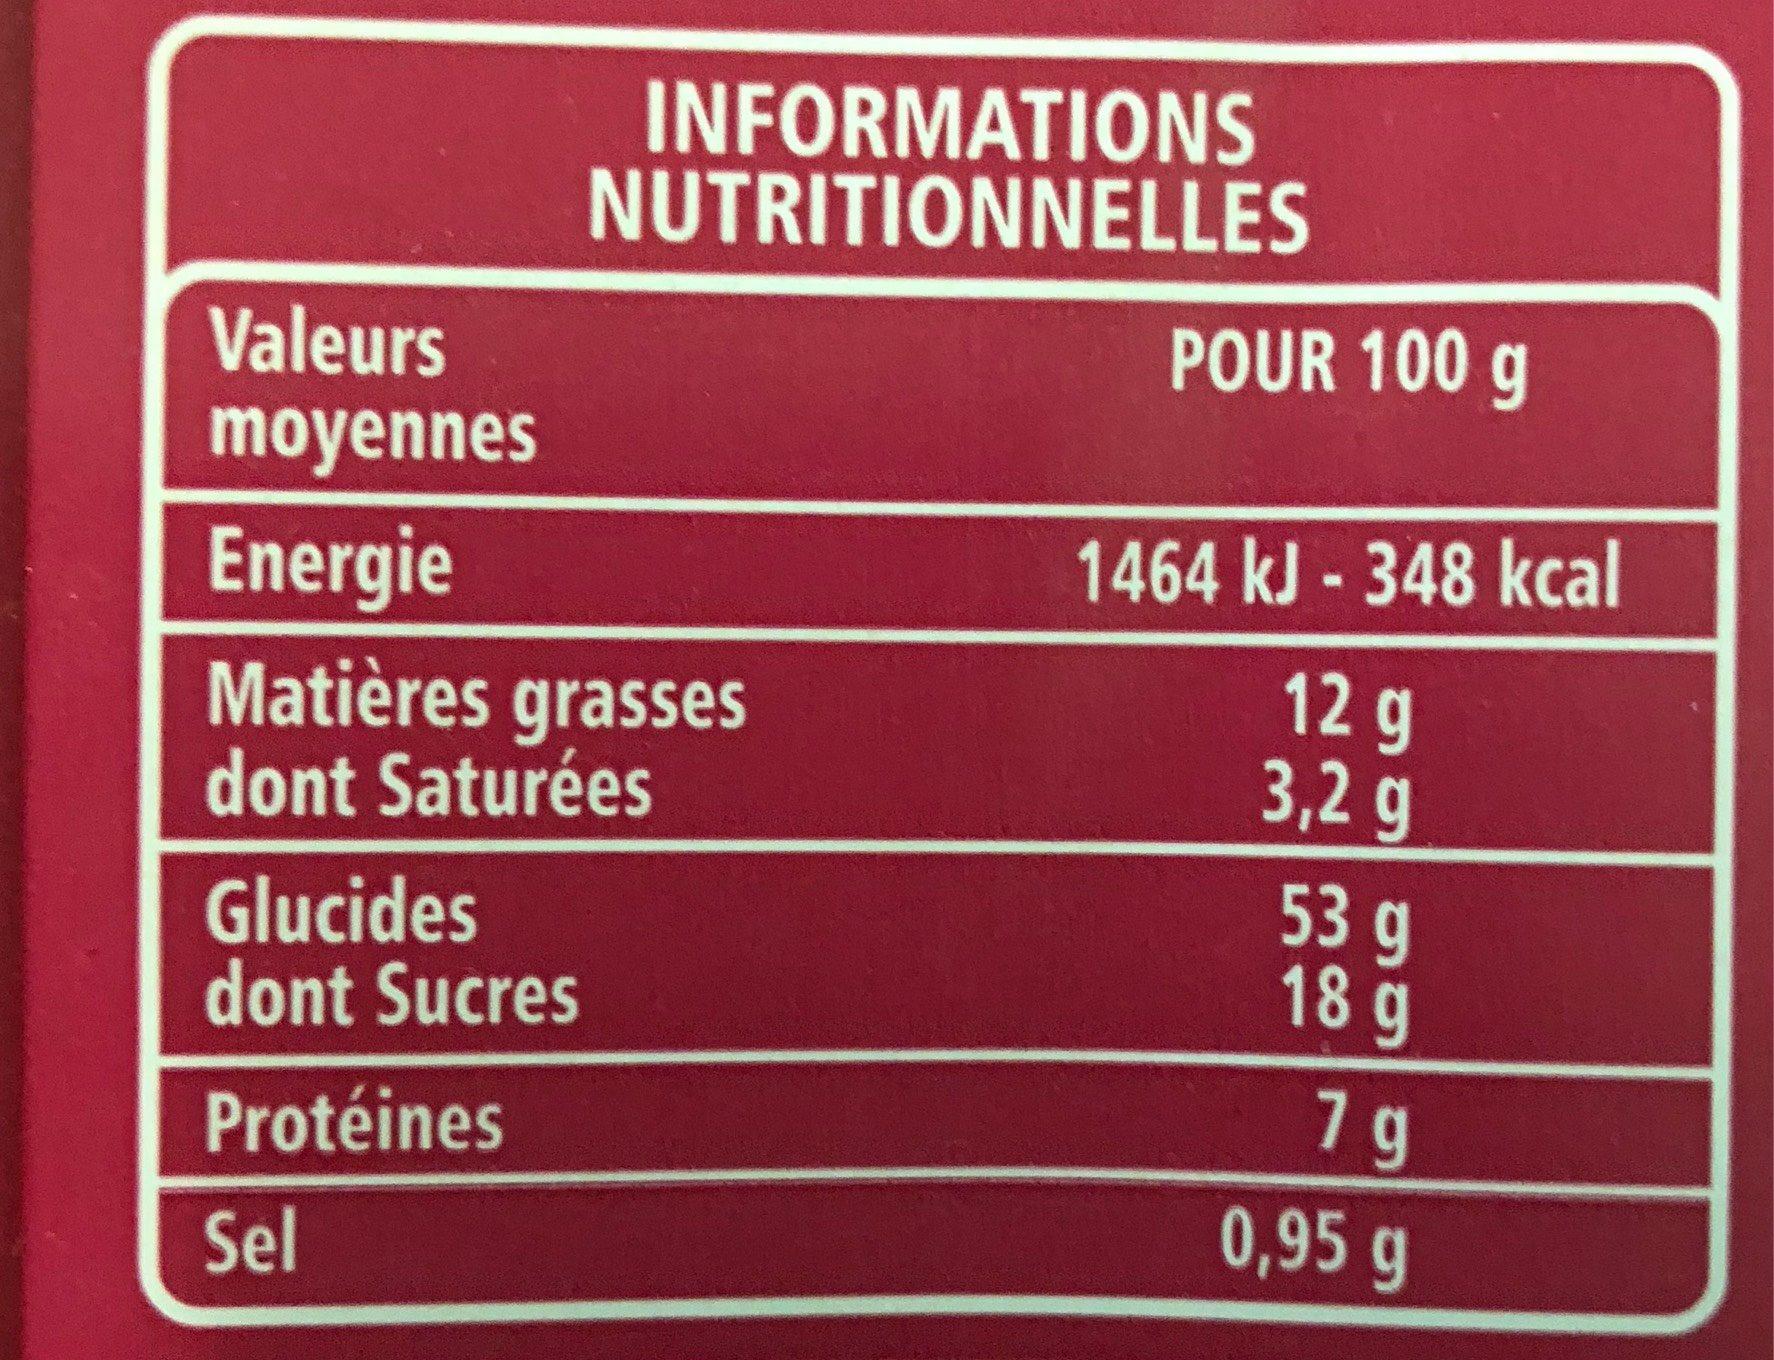 Brioche des rois aux pépites de chocolat au lait - Nutrition facts - fr